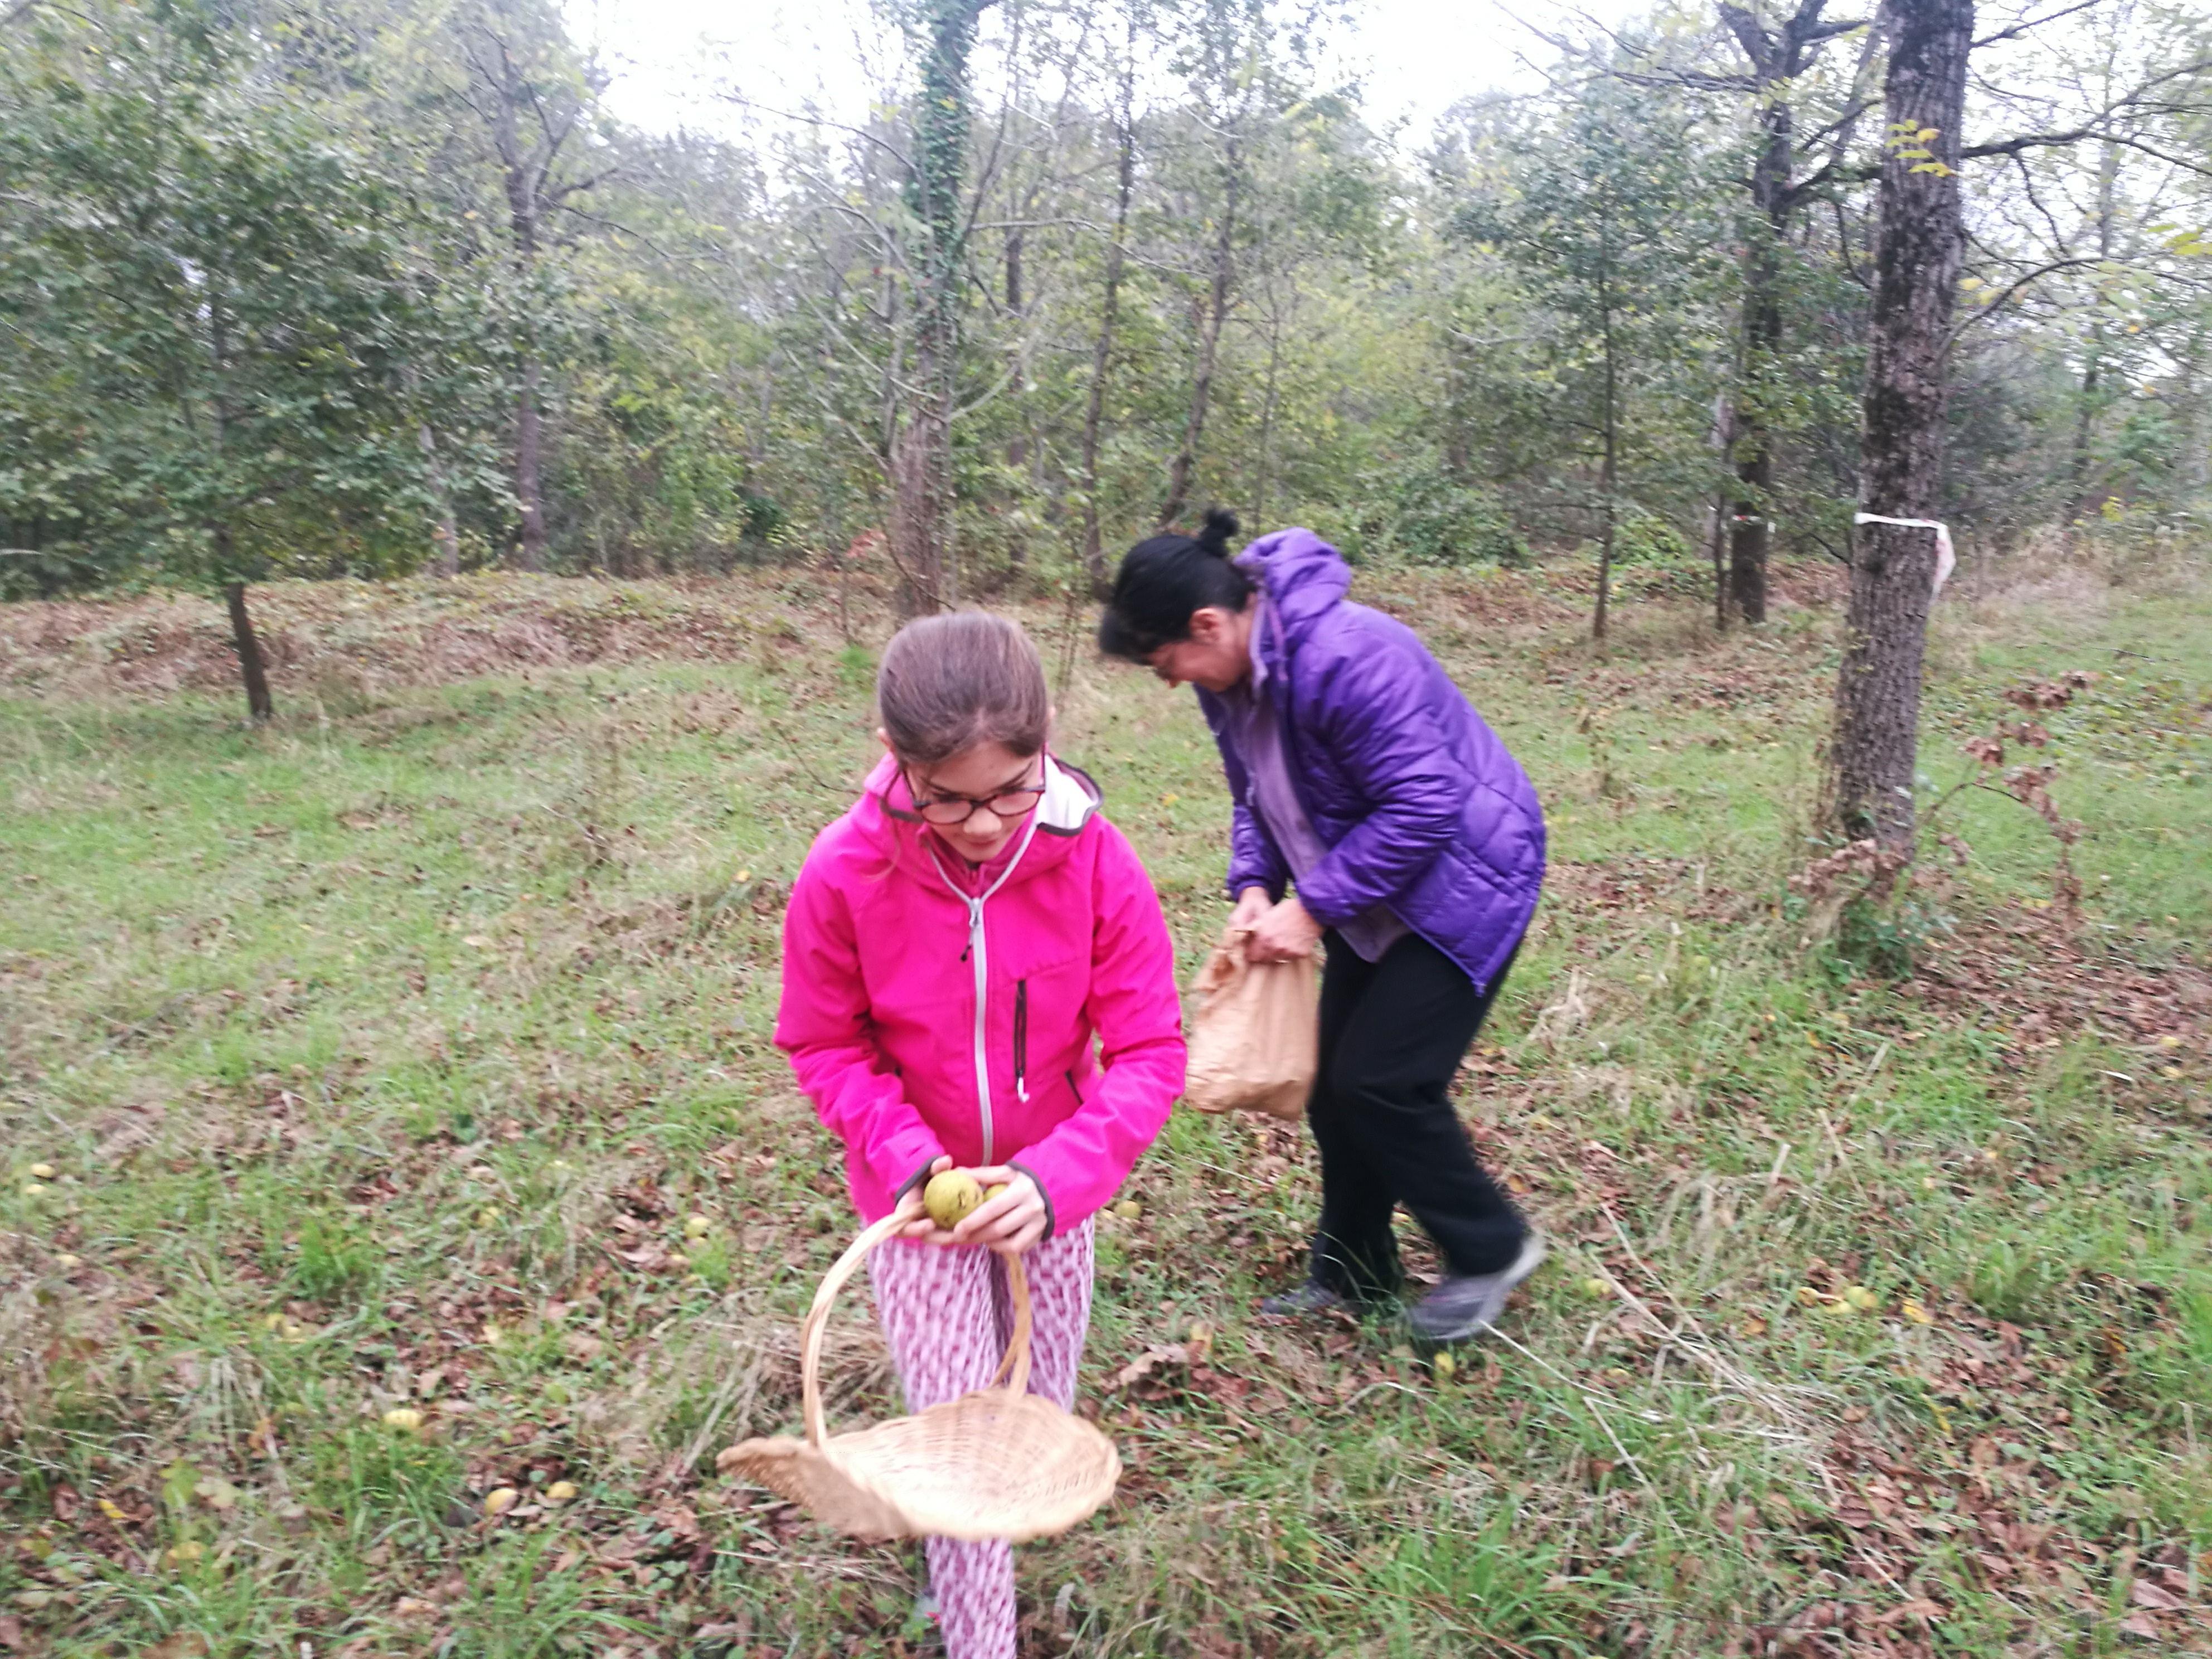 Recolter des noix sauvages dans la forêt